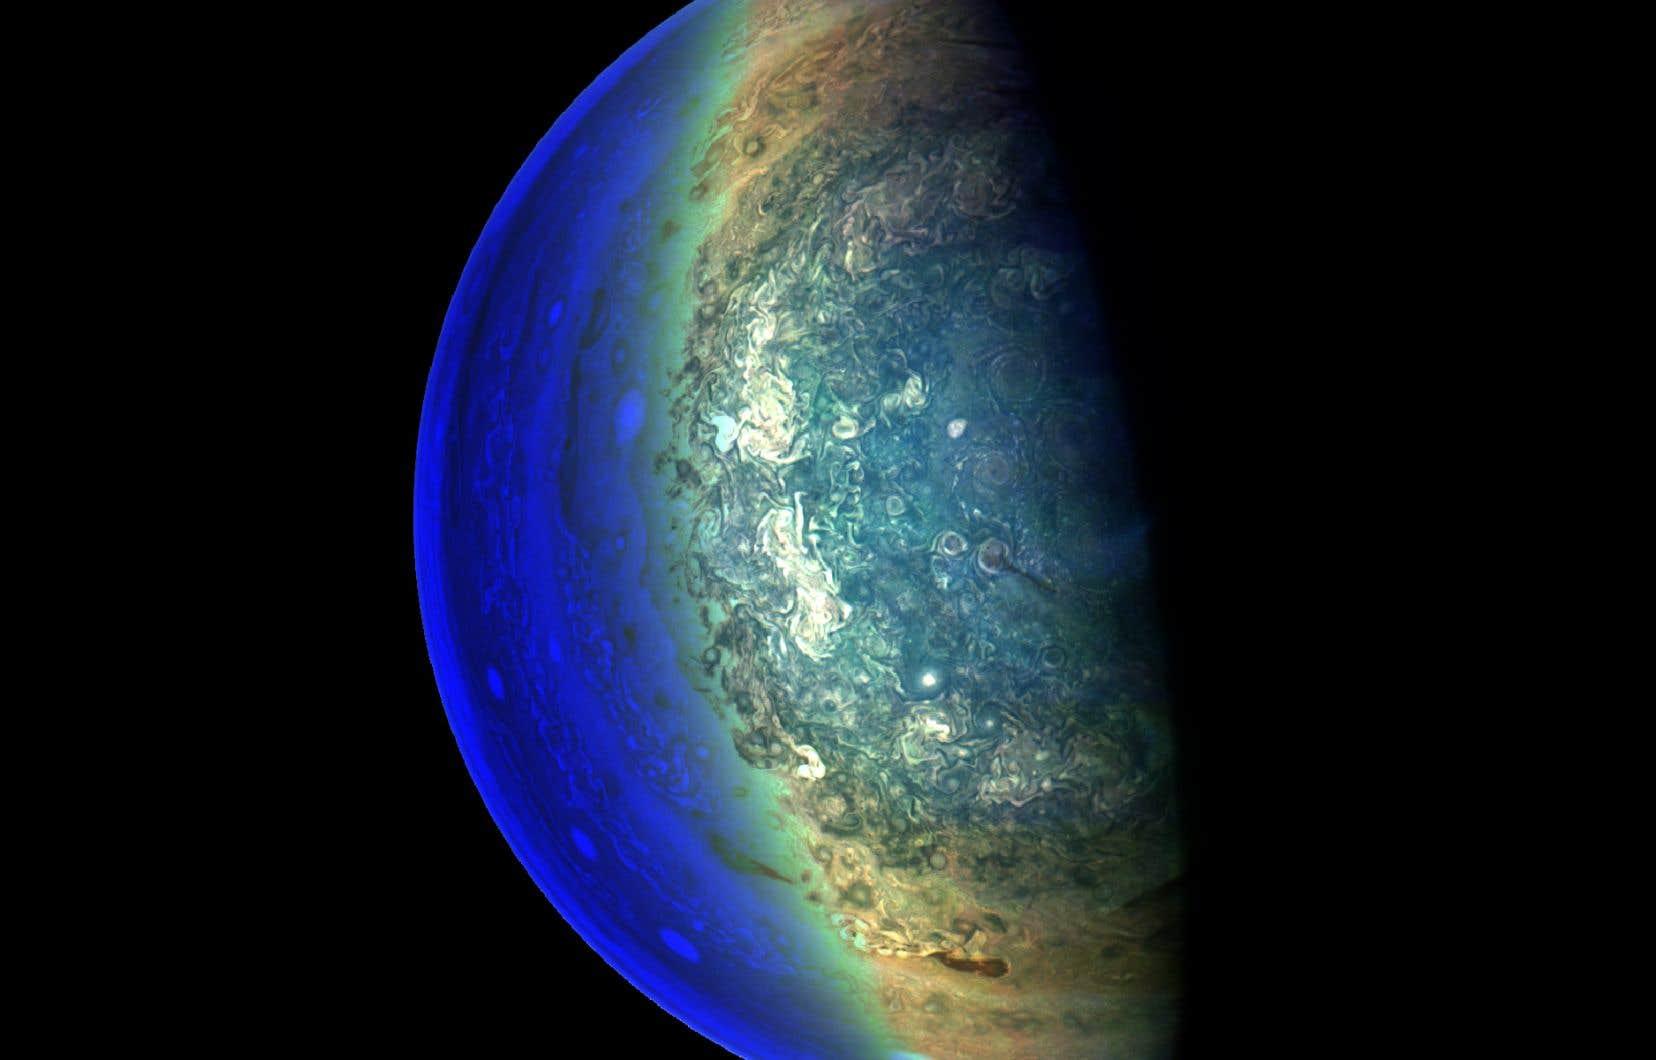 Vue de l'espace, Jupiter est divisée en bandes horizontales de couleurs chaudes, qui tournent à des vitesses différentes. Ces bandes sont créées par des couronnes de vents intenses circulant alternativement vers l'est et vers l'ouest.